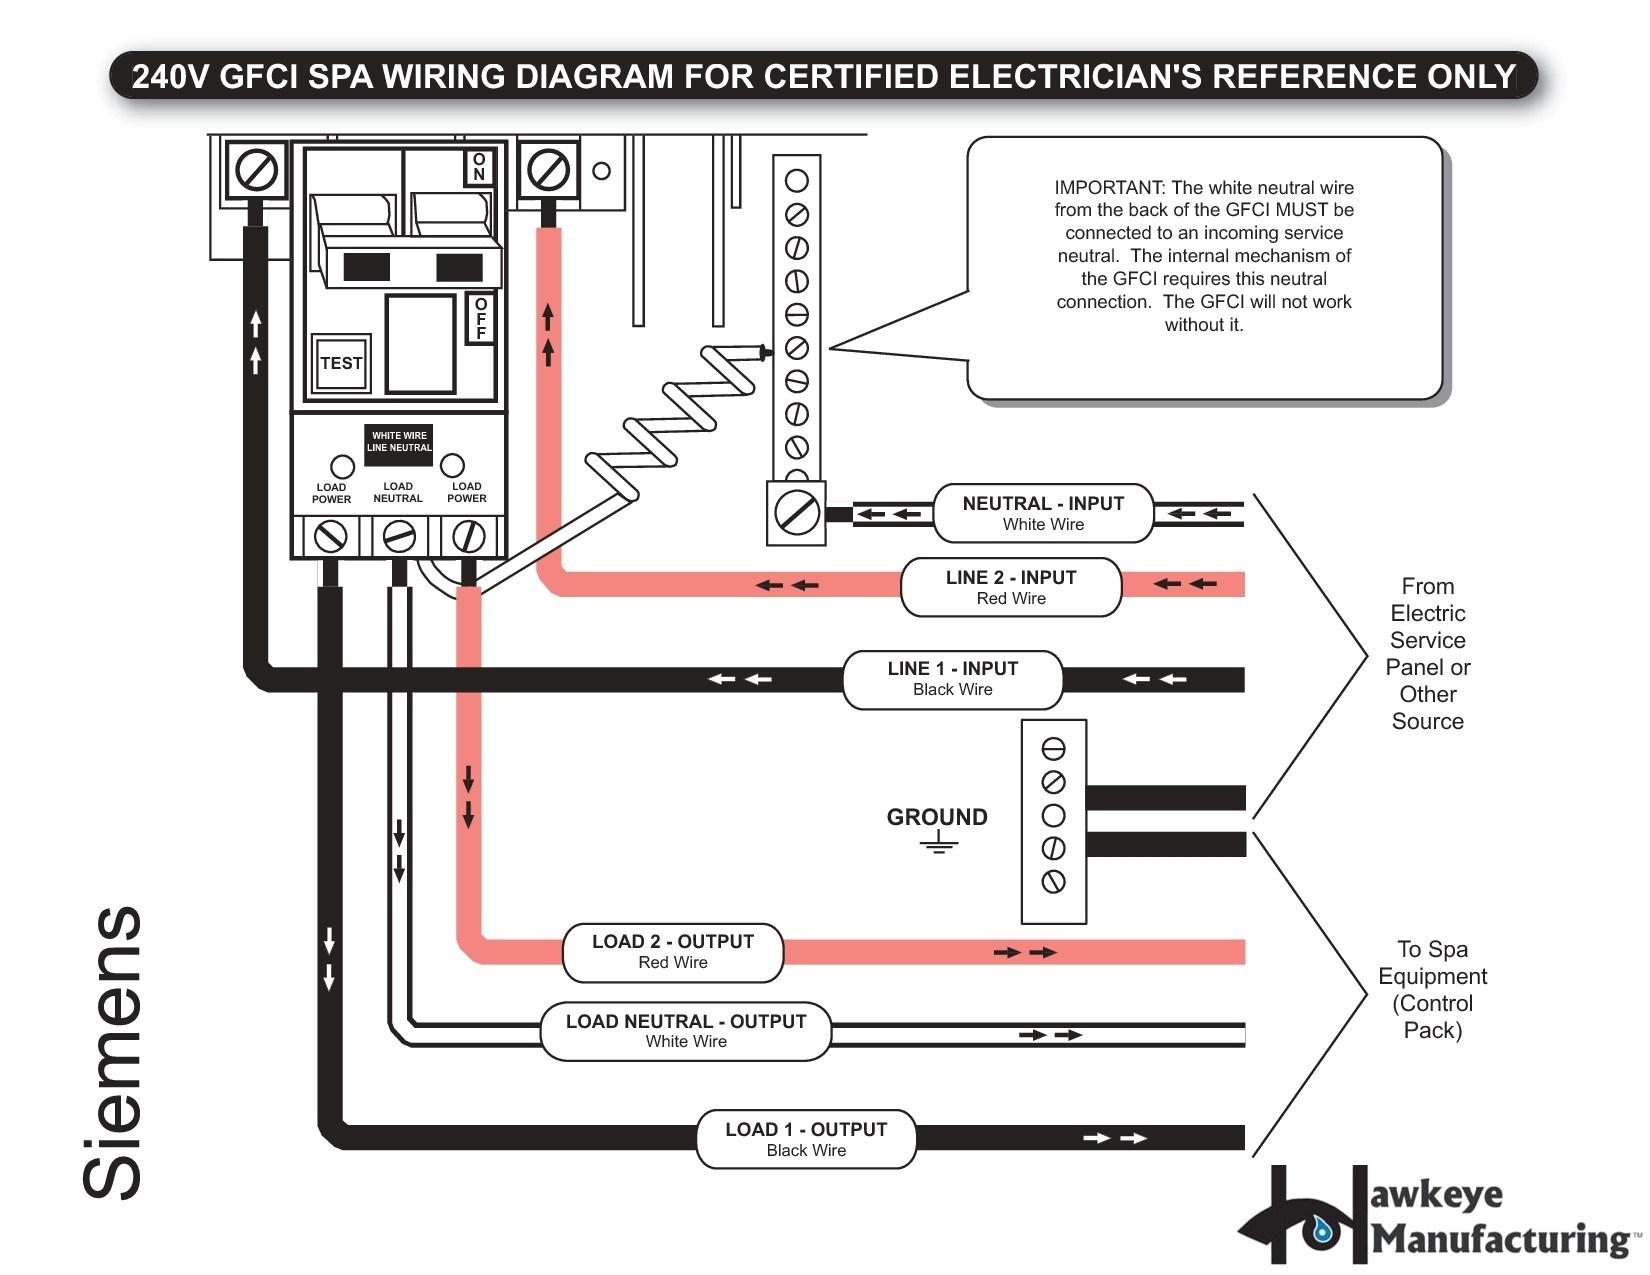 220v Hot Tub Wiring Diagram Hot Tub Wiring Diagram 240 Wiring Diagram Database